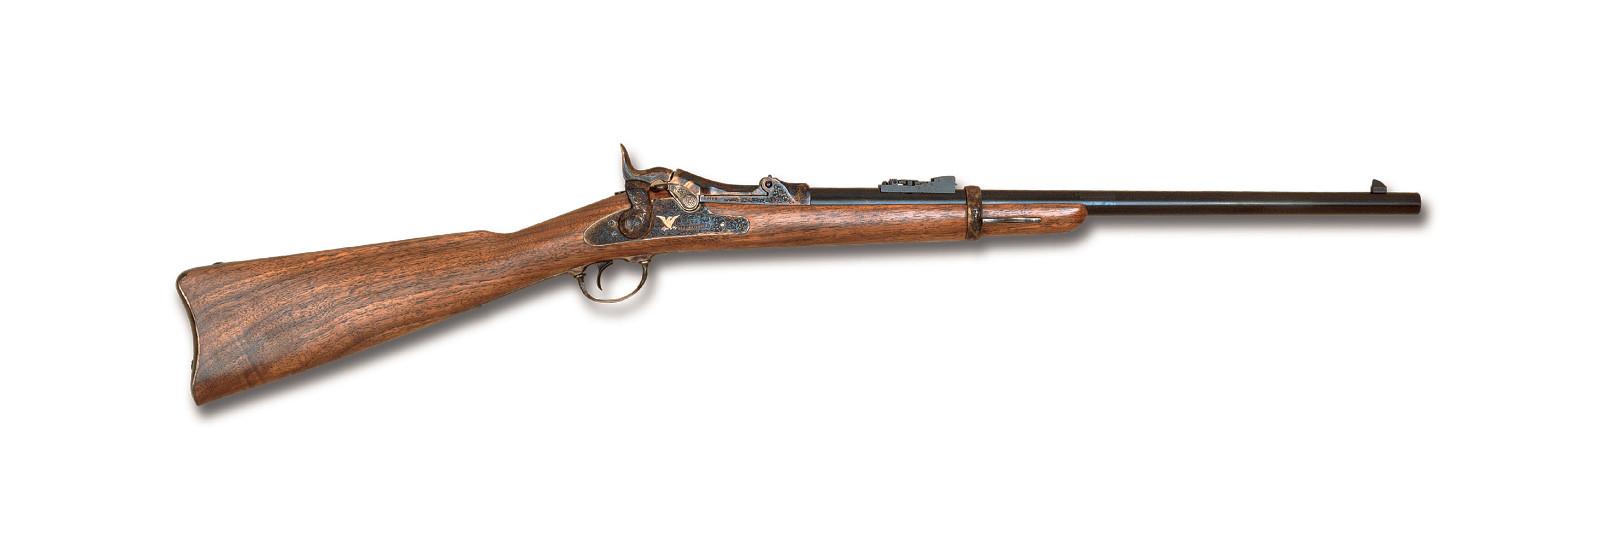 CSpringfield Trapdoor Carabine Extra Deluxe